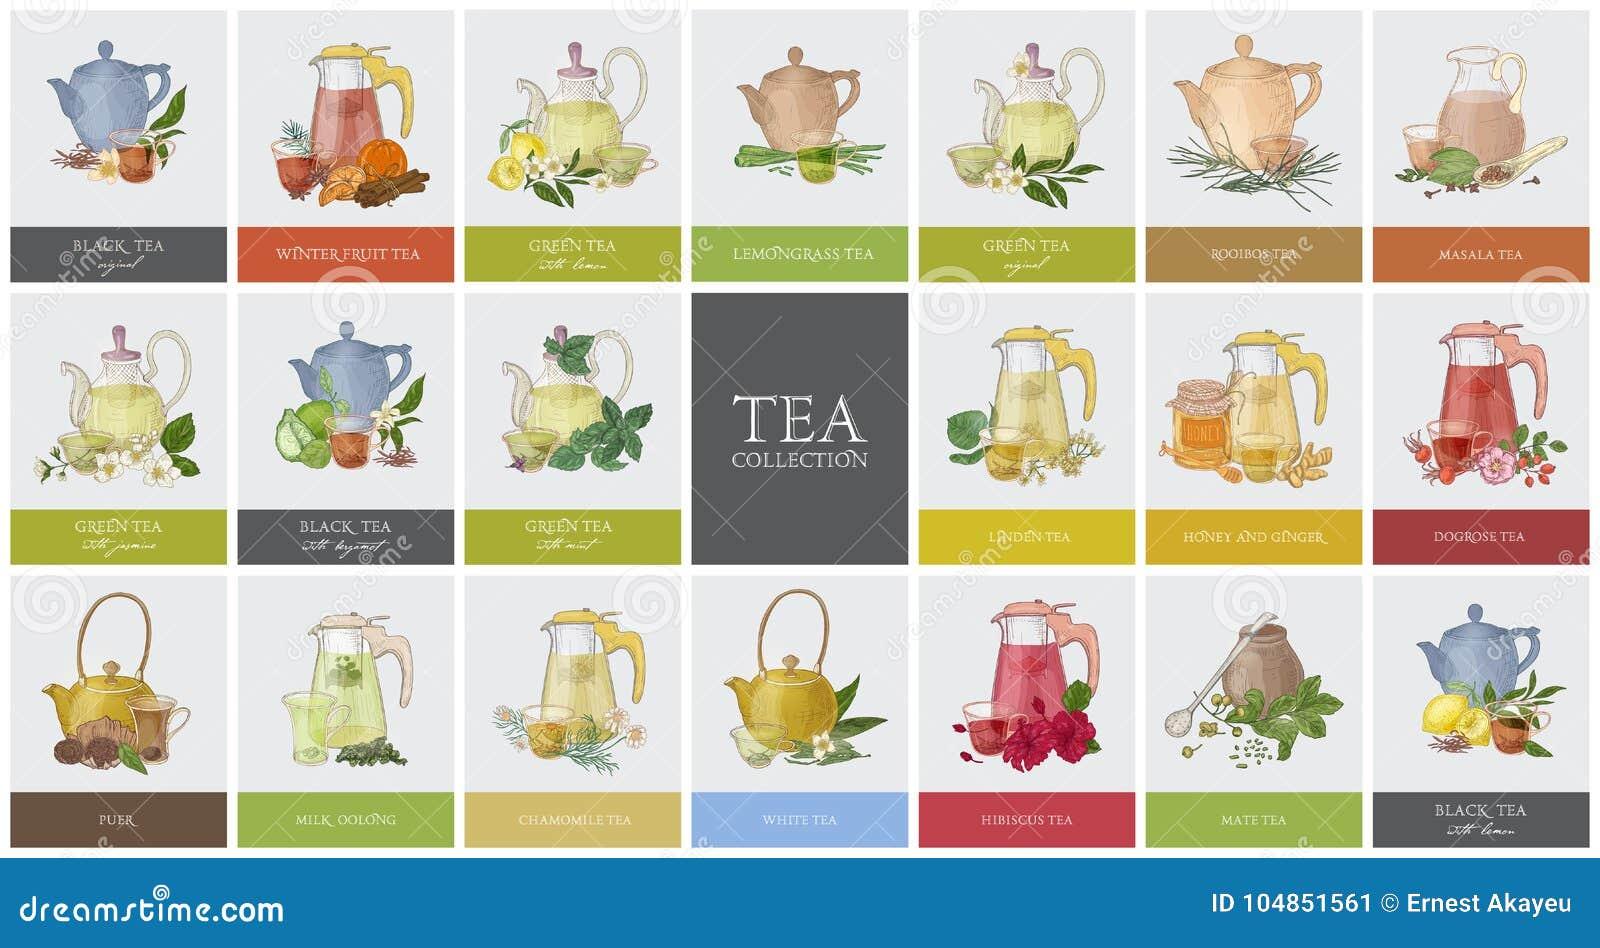 Den stora samlingen av etiketter eller etiketter med olika typer av te - svärta, göra grön, rooibos, masalaen, kompisen, puer Upp